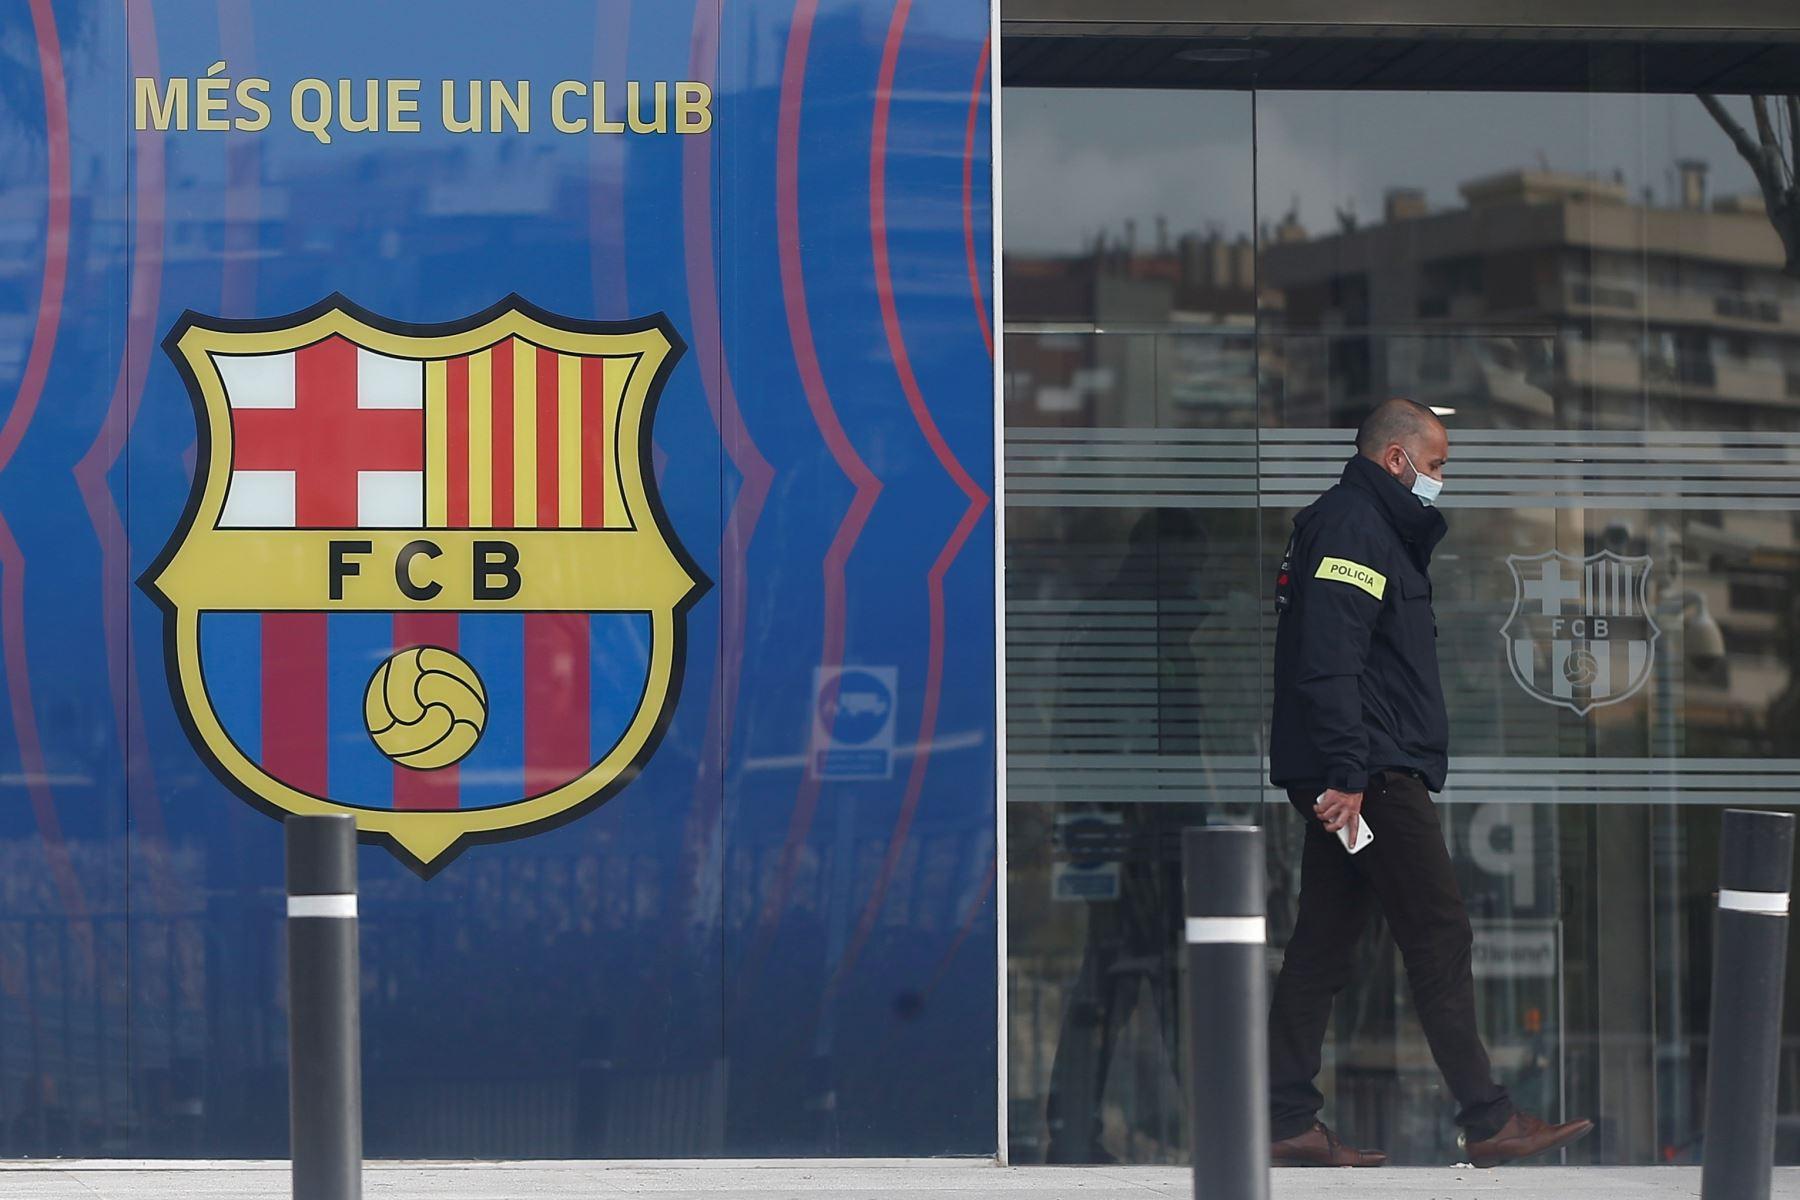 Un policía entra en las oficinas del Fútbol Club Barcelona el 01 de marzo de 2021 en Barcelona durante un operativo policial en el interior del edificio. Foto: EFE